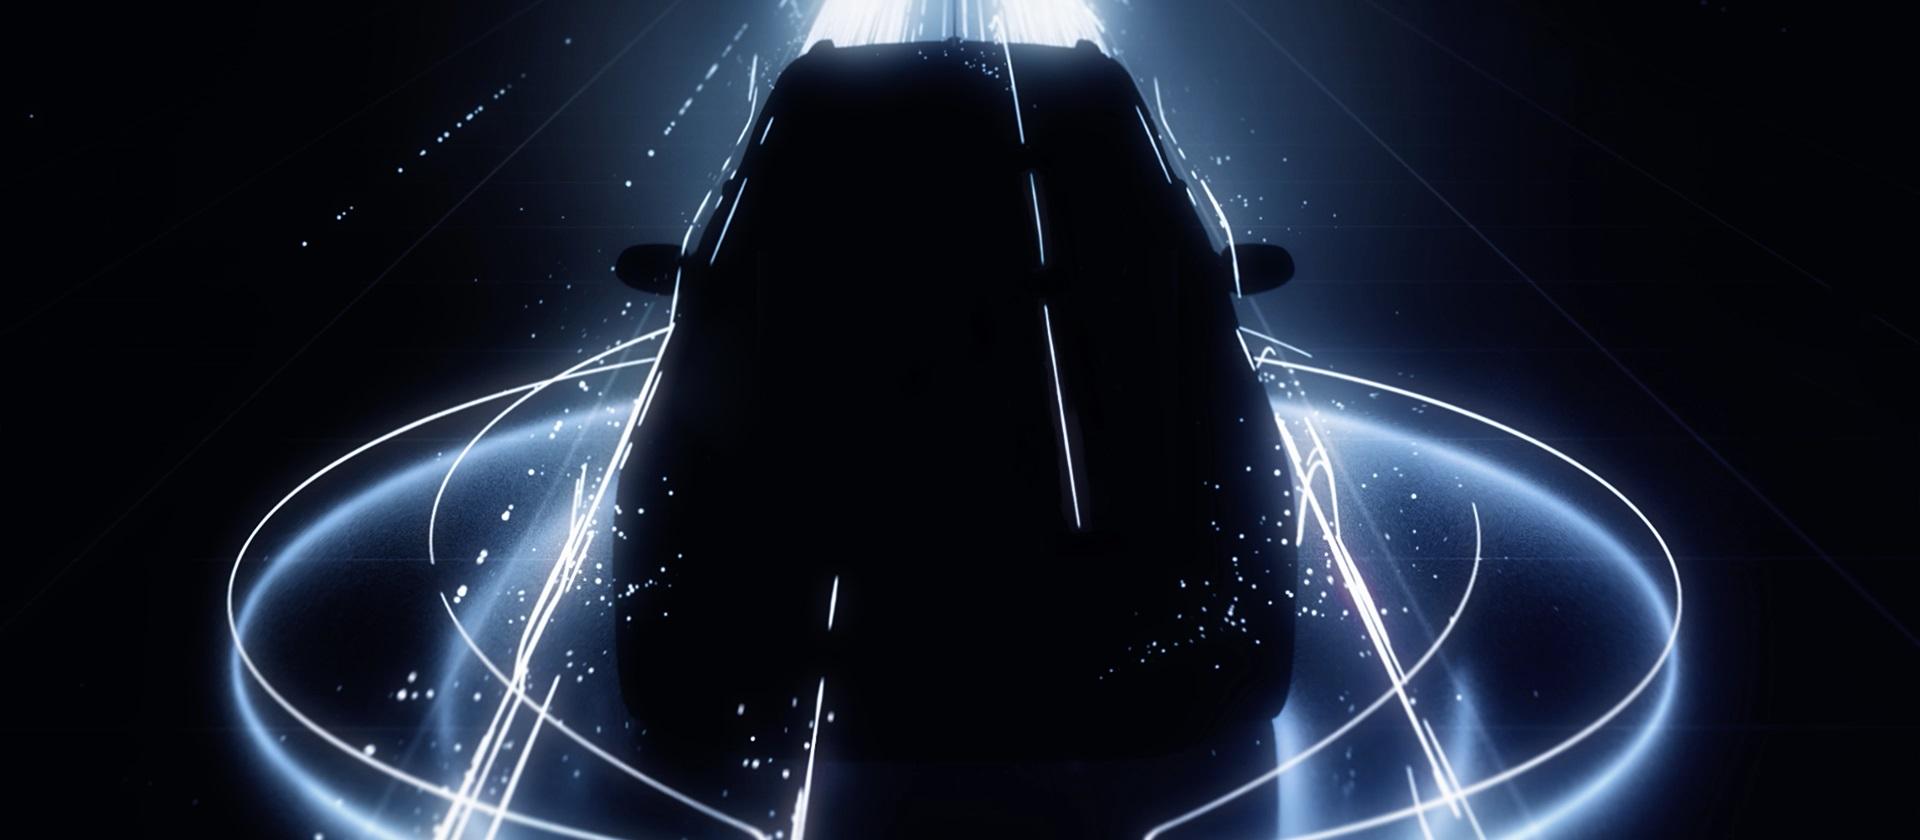 Hyundai - Fuorisalone 2018